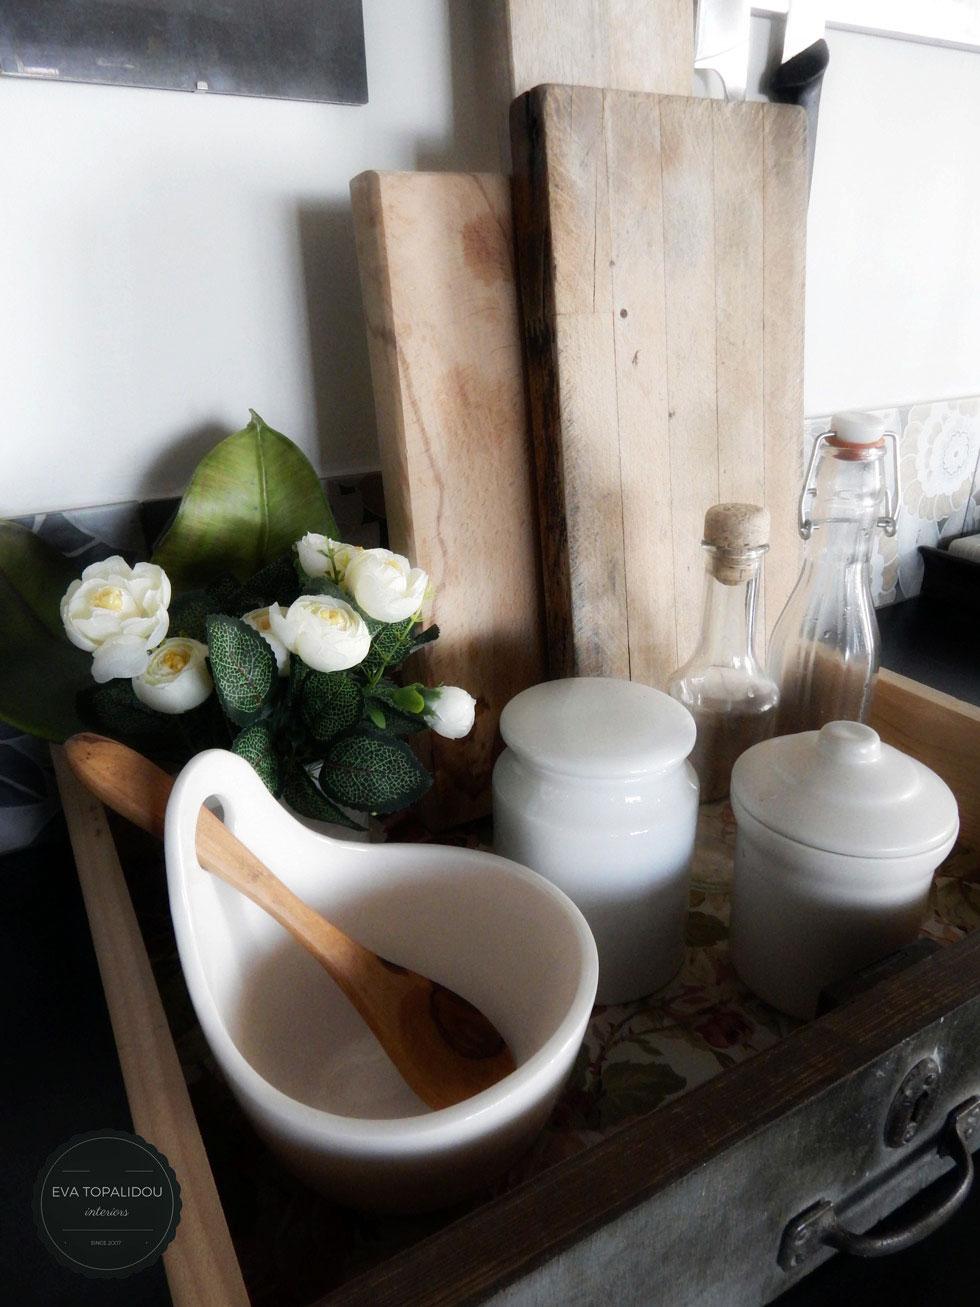 Ένα παλιό συρτάρι κάνει εξαιρετική θήκη για μικροσκεύη κουζίνας. Ένα λουλούδι πάντα ομορφαίνει.